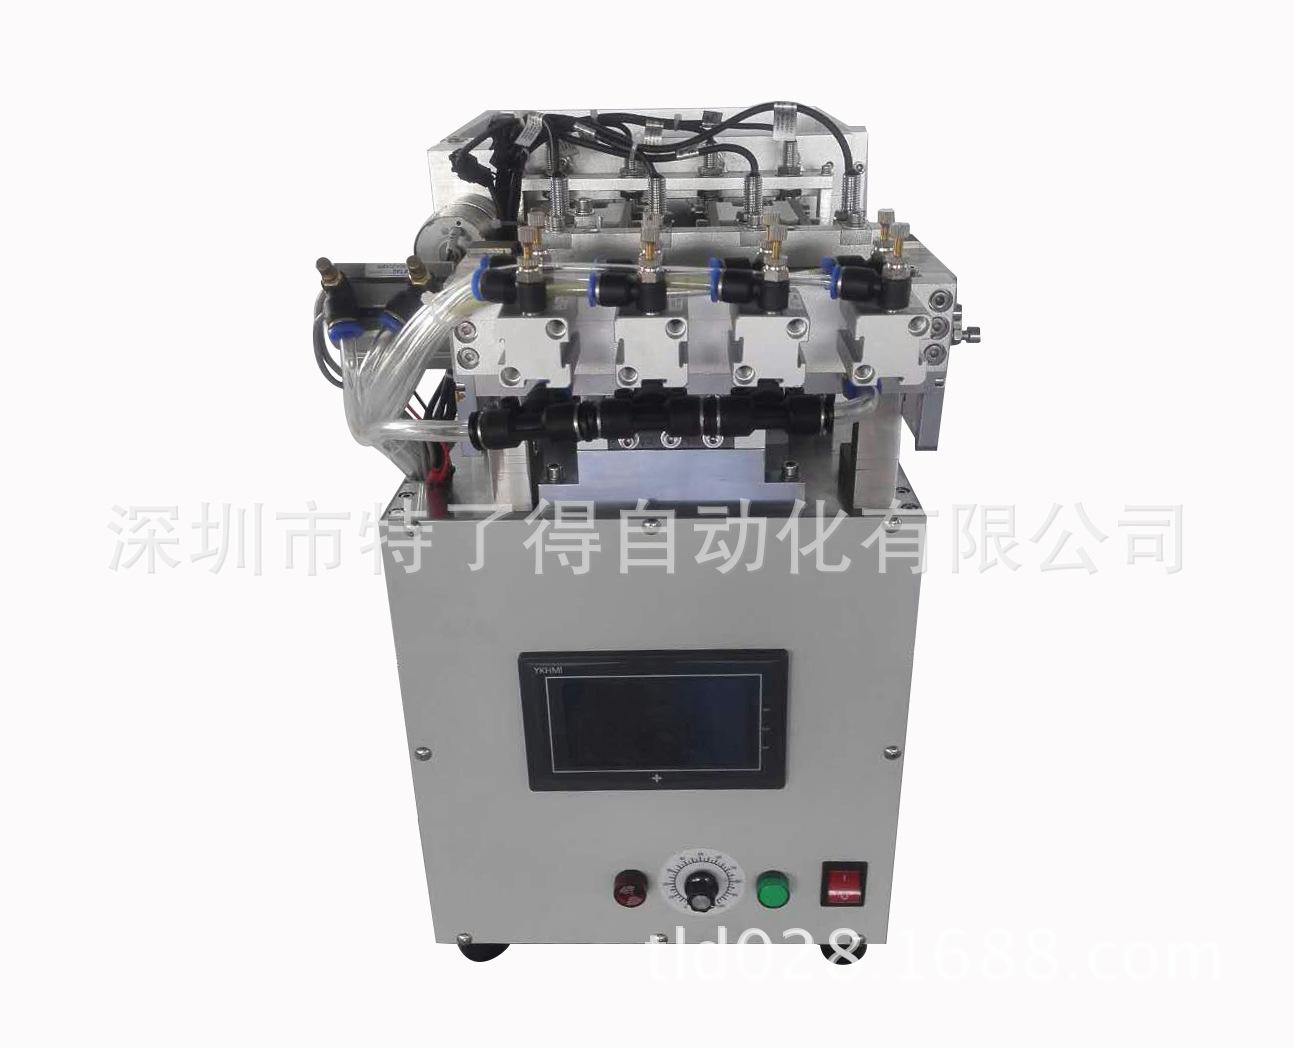 自动锁螺丝机 多轴转盘式螺丝机 螺丝机器人 效率高 批发代理